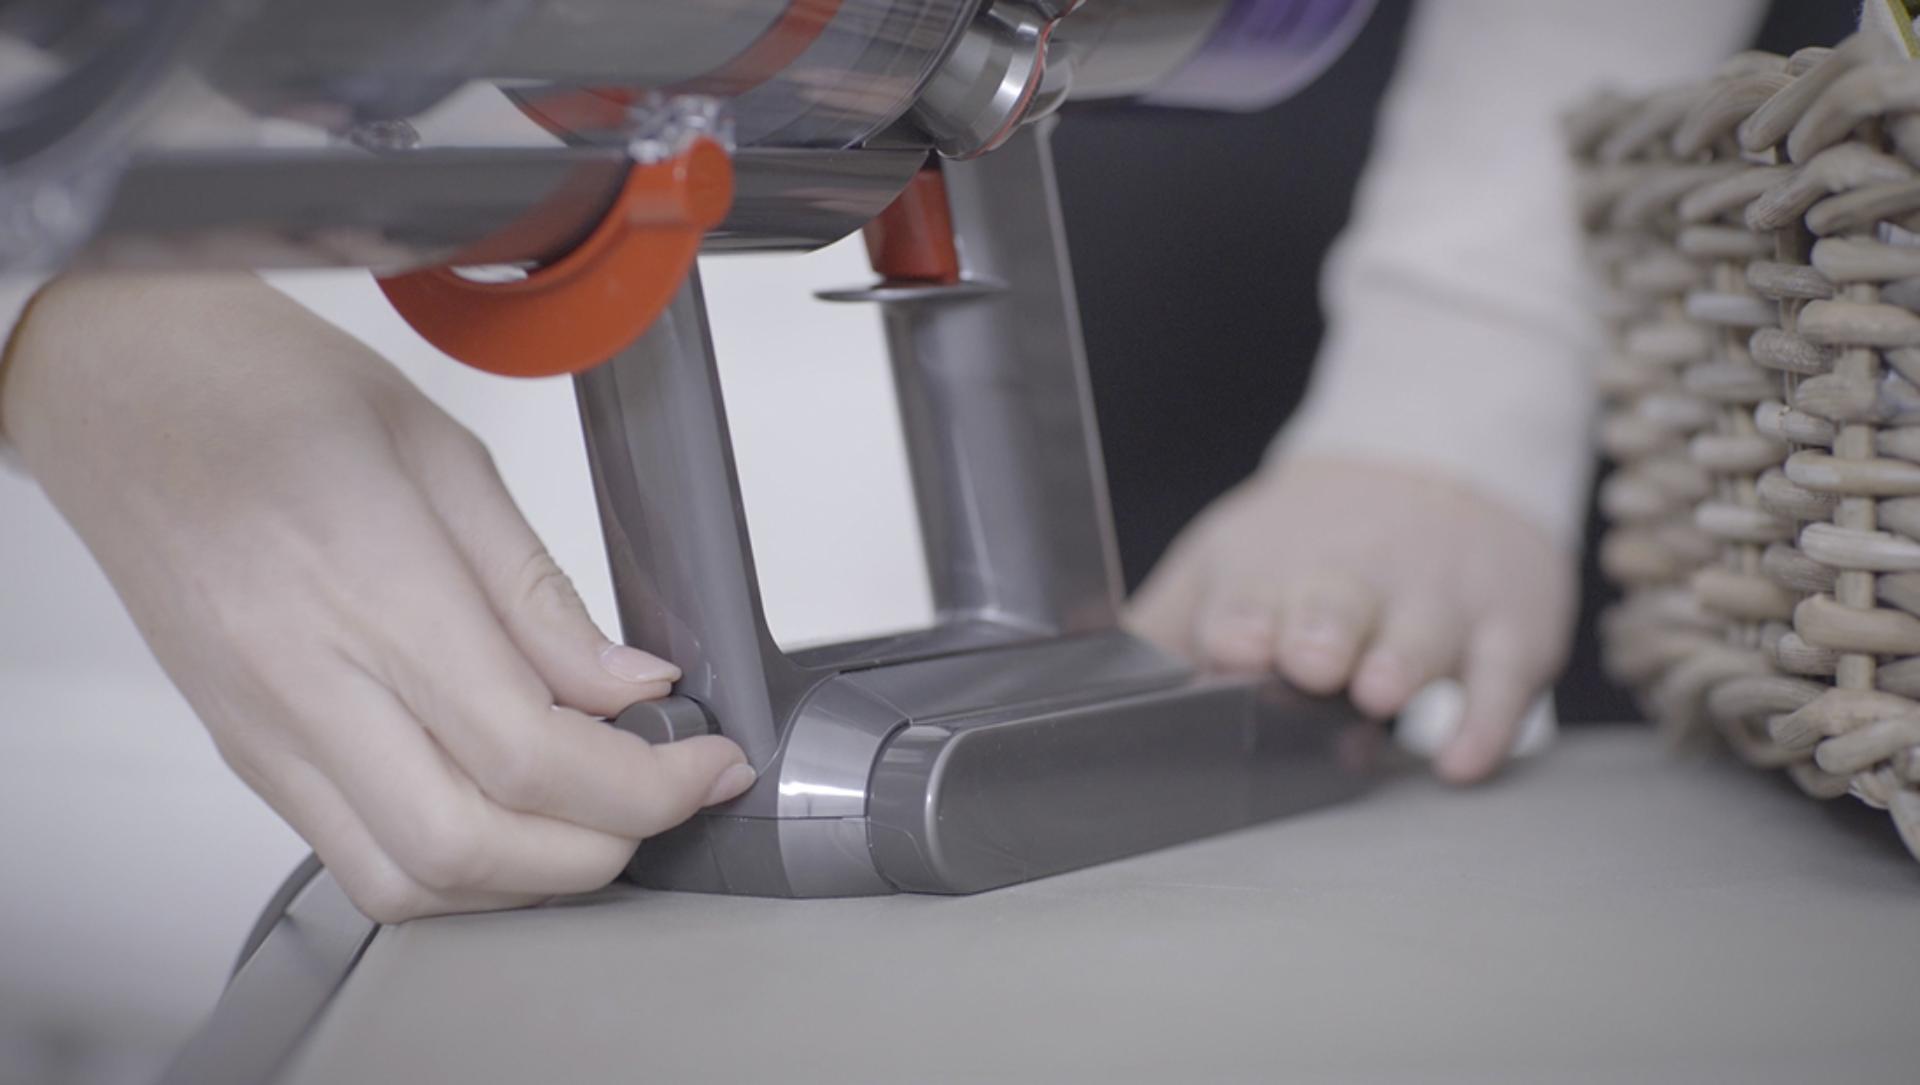 Videó a Dyson V11™ porszívó dokkolójának beállításáról